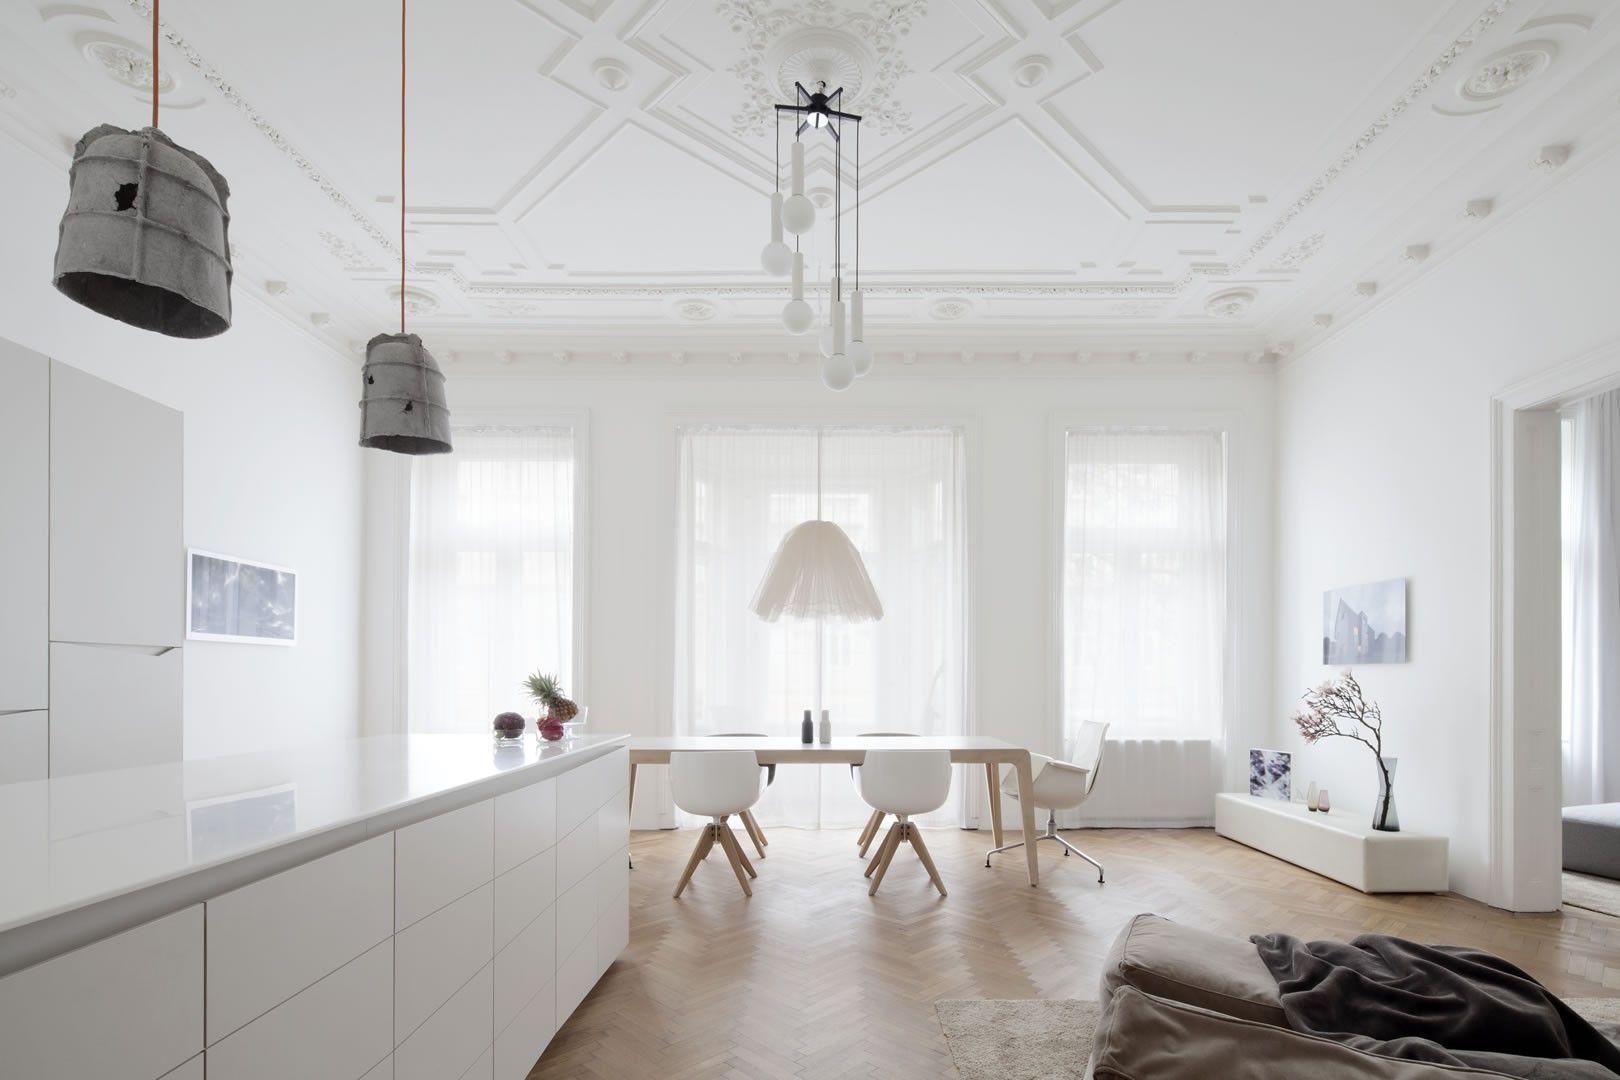 Moderne wohnzimmerlampen ~ Wohnzimmerlampen u das gewisse etwas in der raumgestaltung